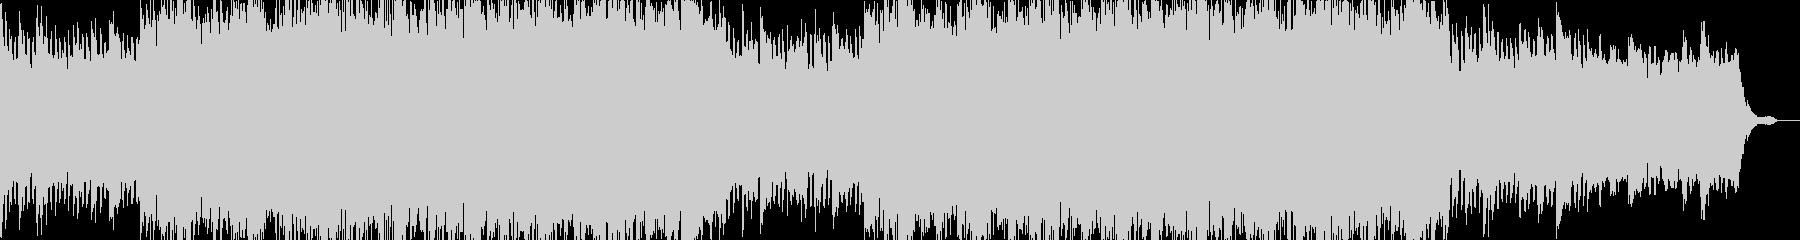 企業VP9 16bit44kHzVerの未再生の波形